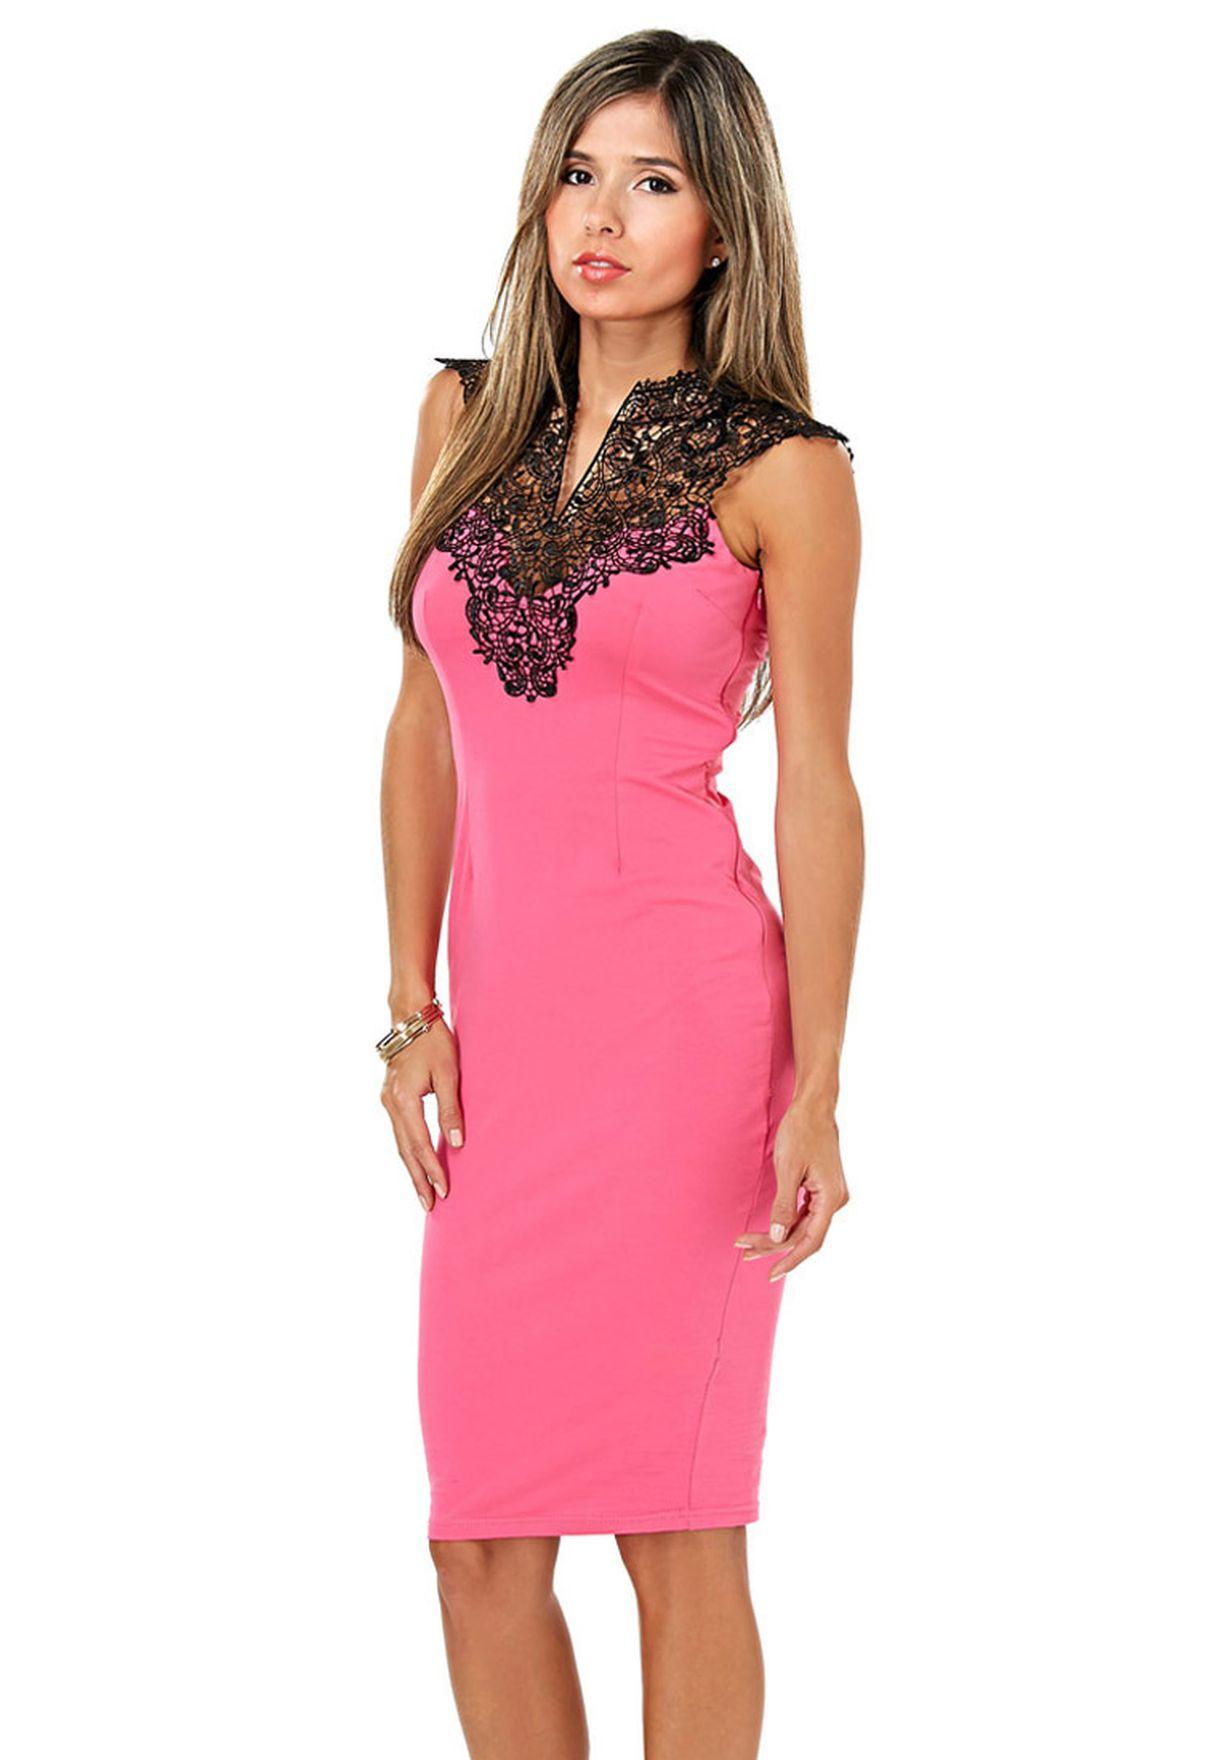 e422968b26a0e Shop Ax paris pink Crochet Mini Dress for Women in Bahrain ...